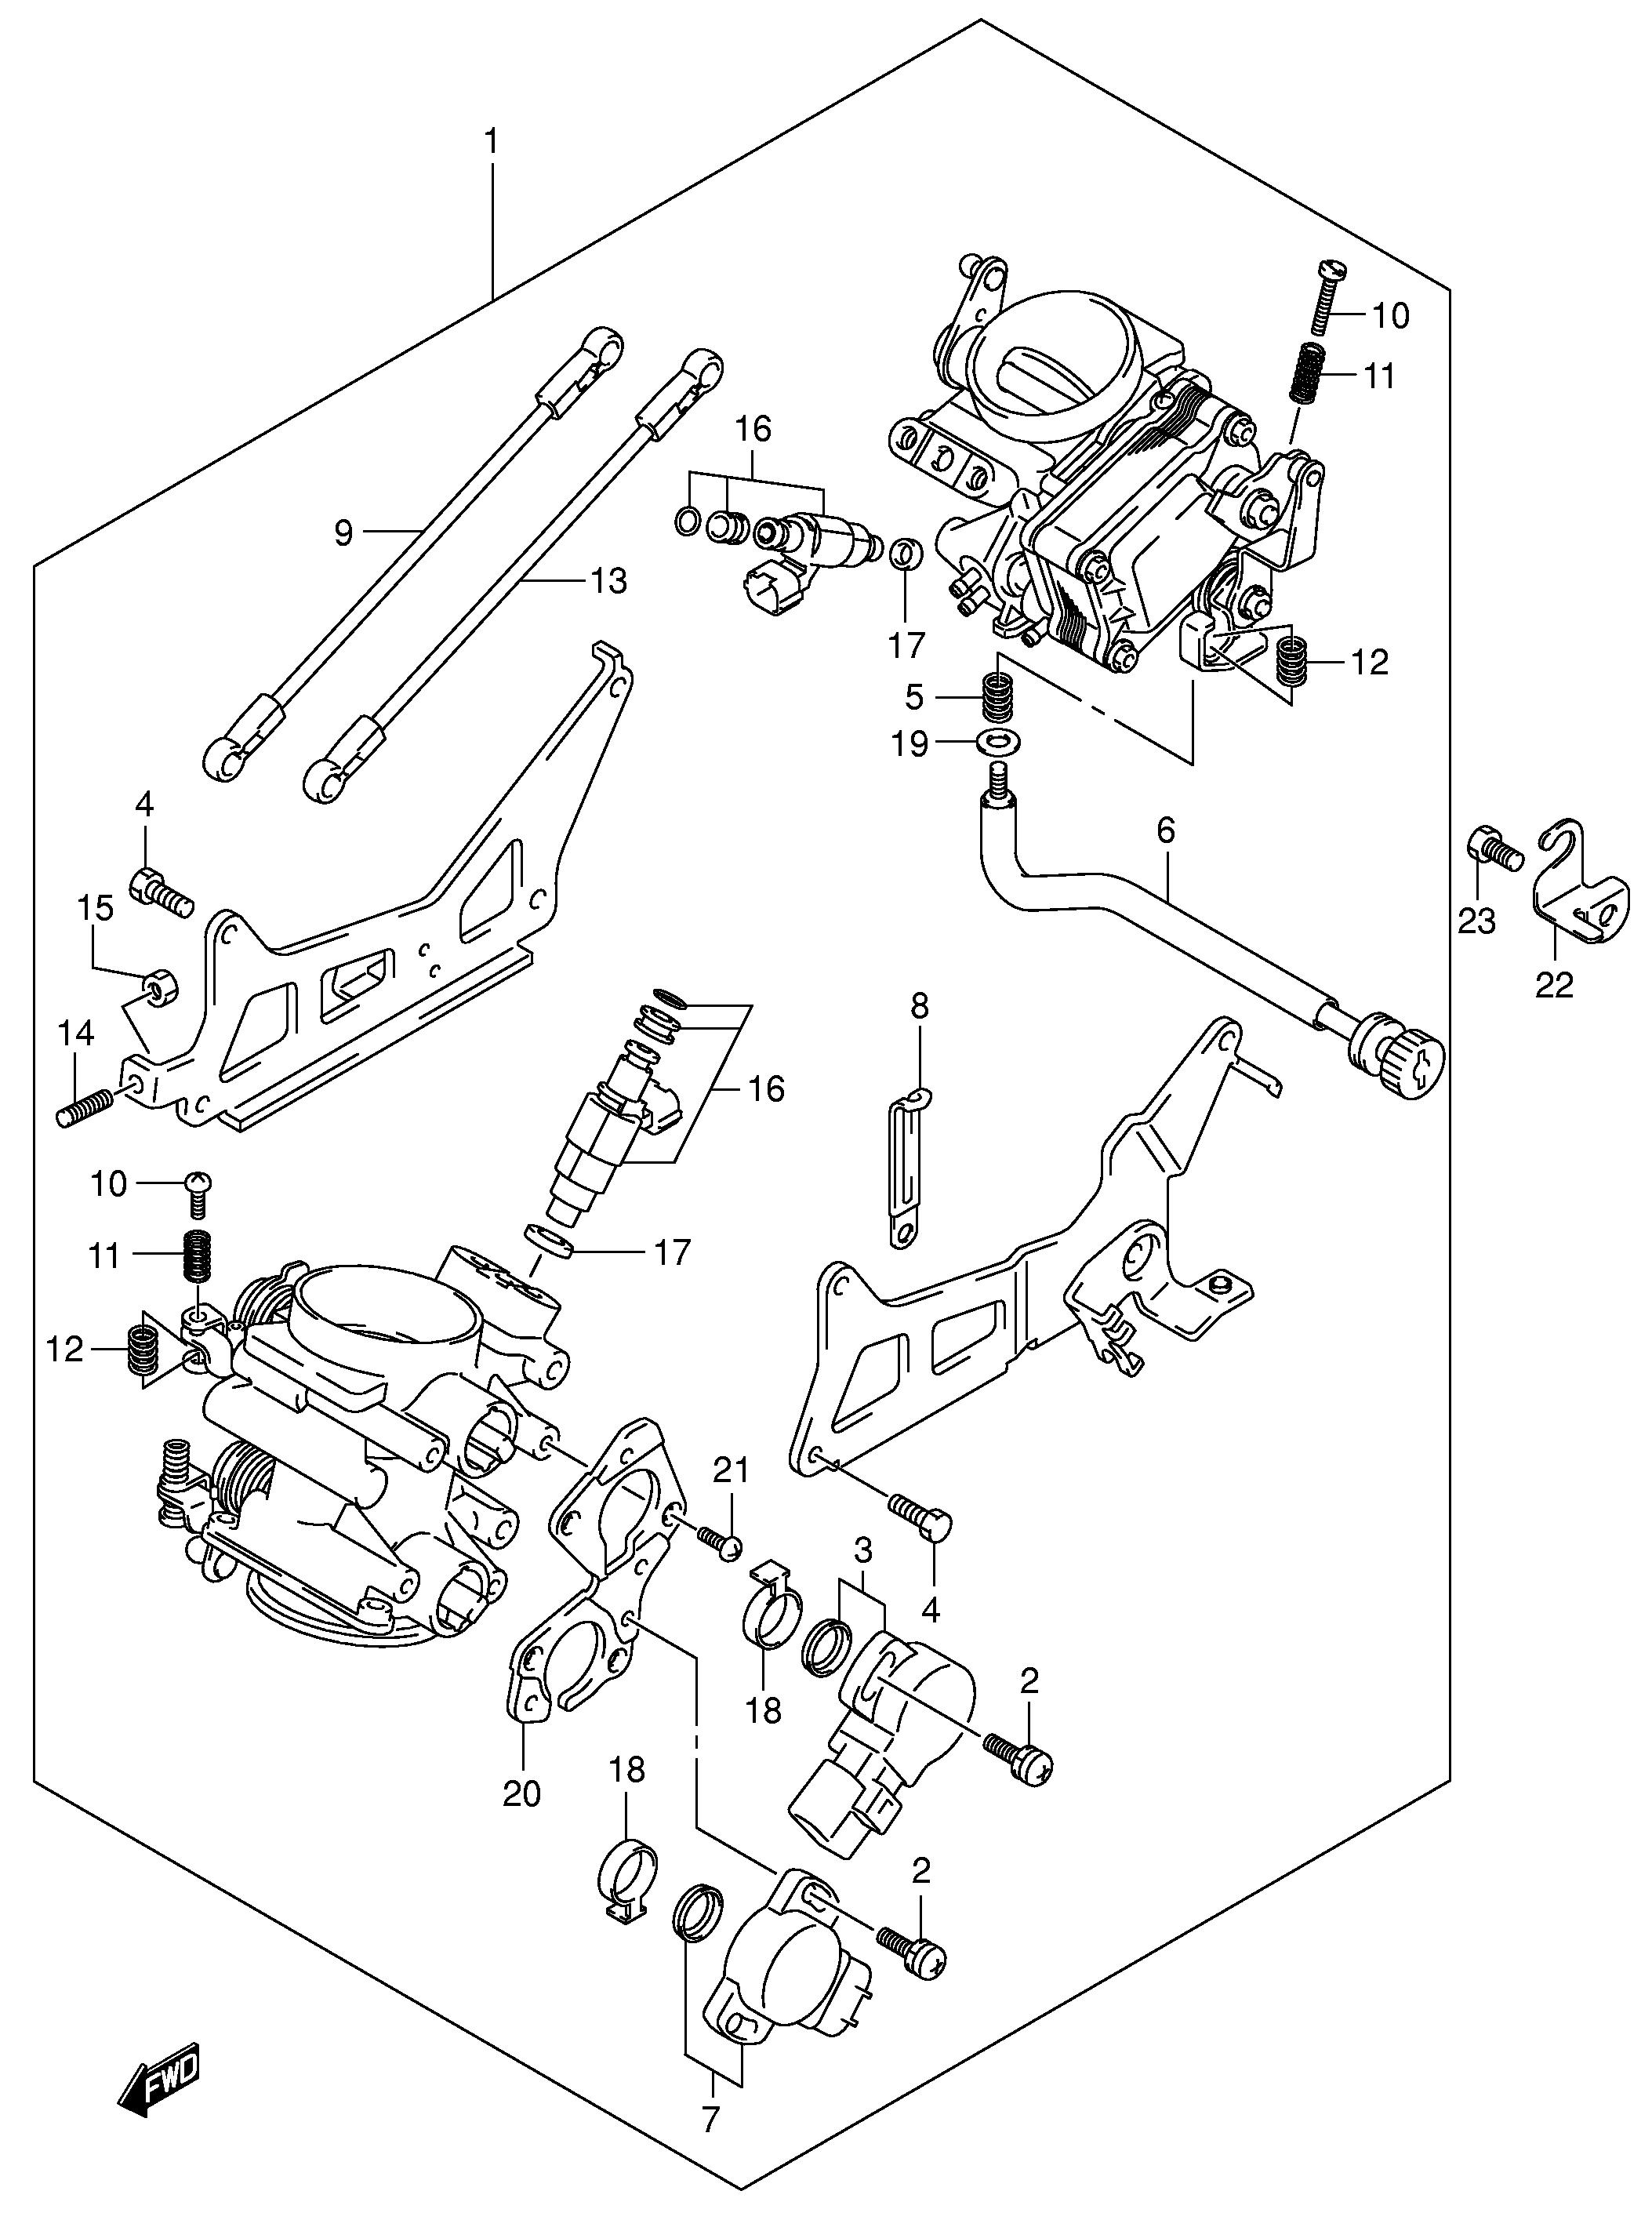 Bateria inyectores Suzuki V strom 1000 2002-2006